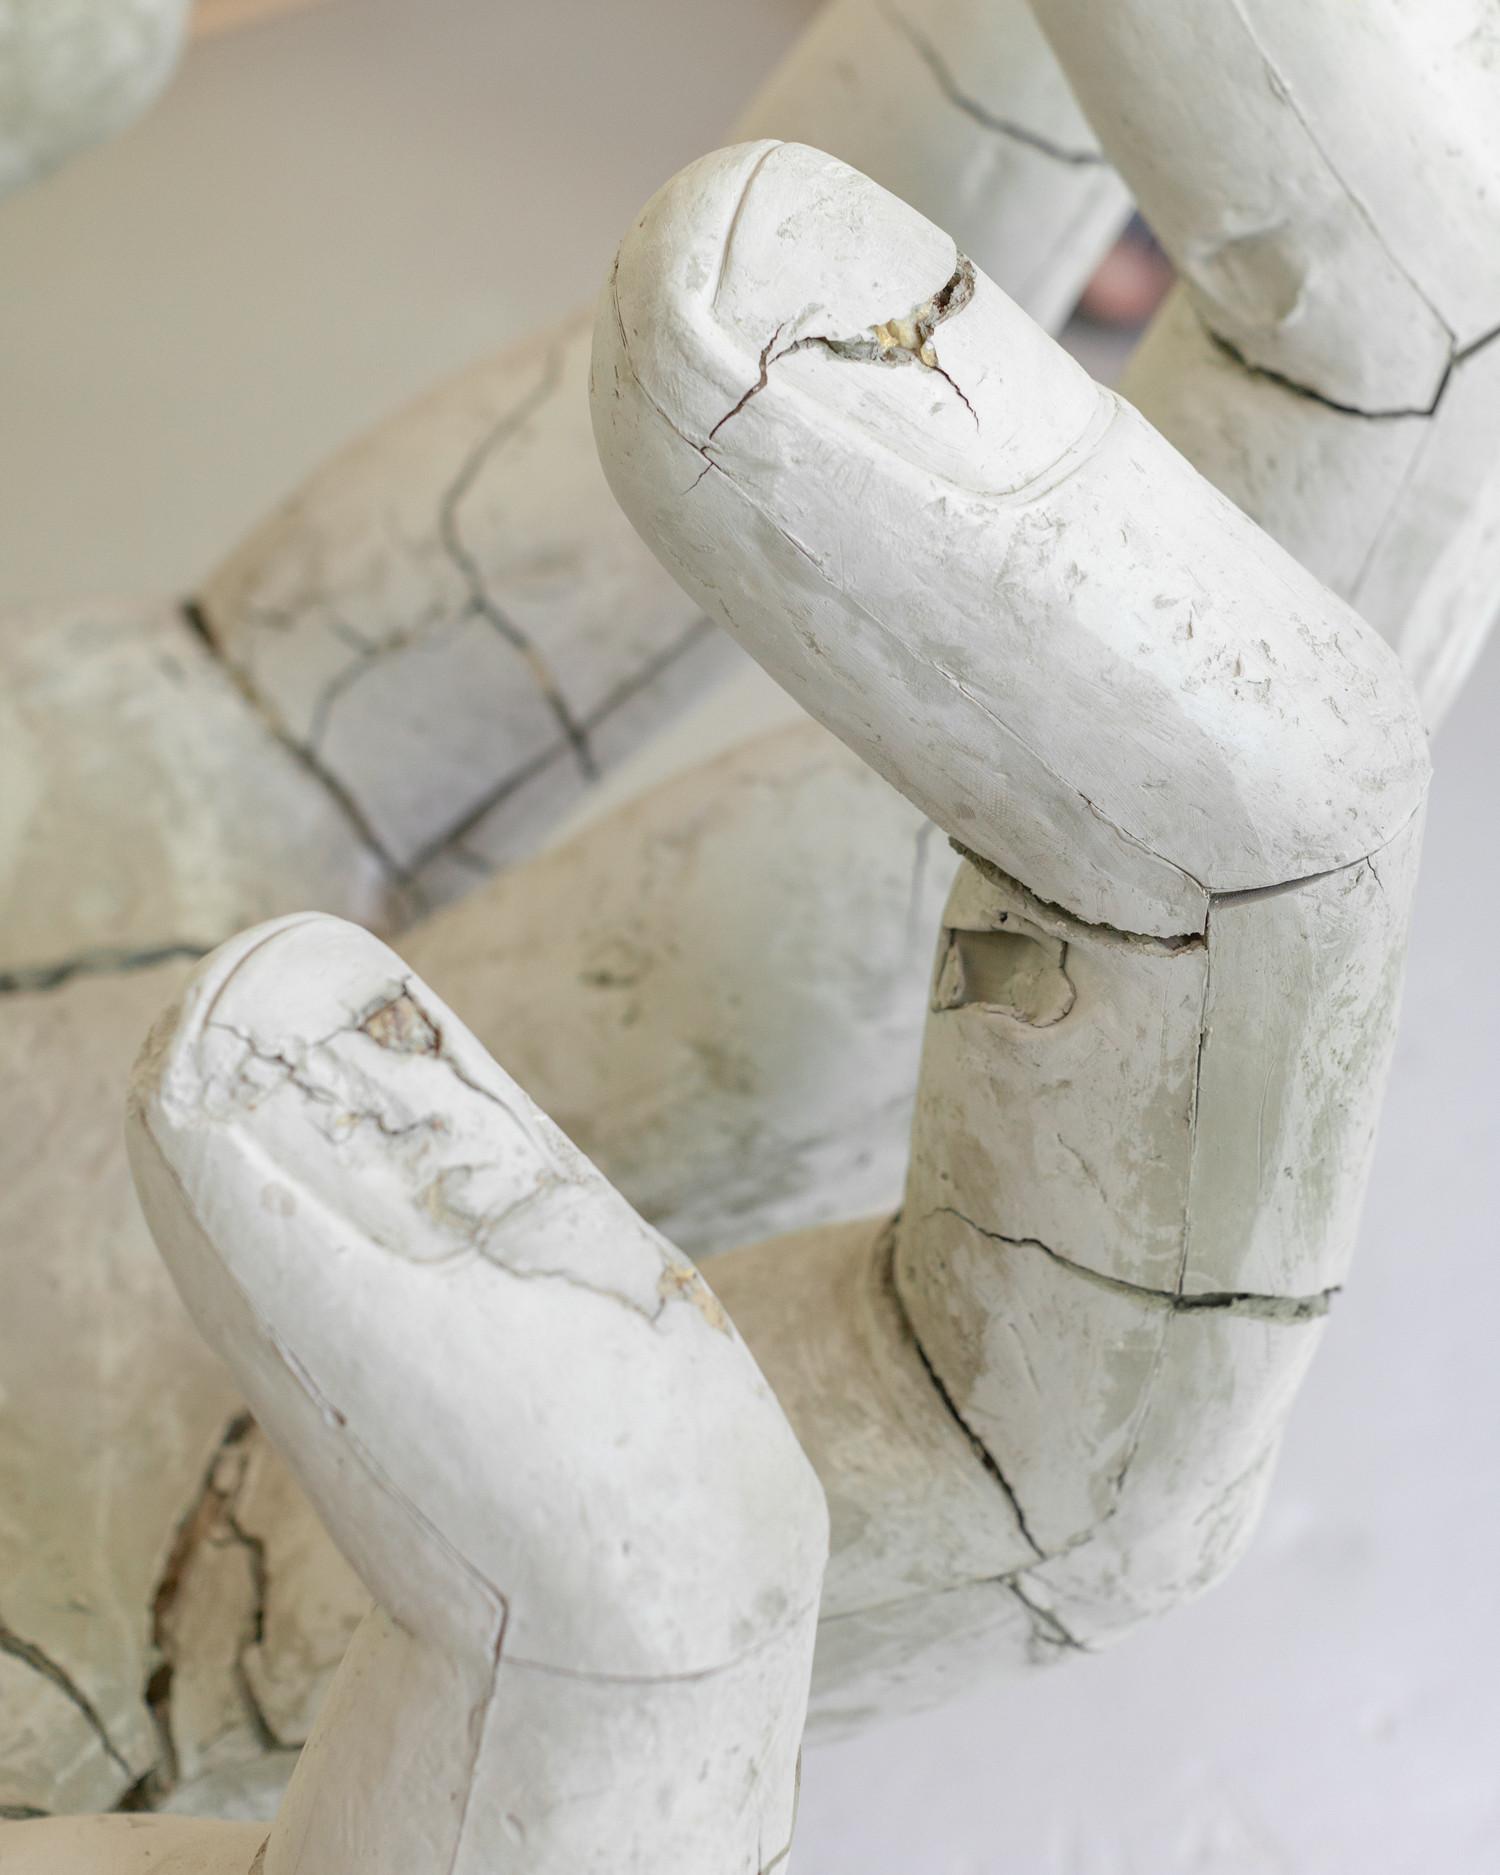 Я очень люблю фактуру потрескавшейся глины, именно поэтому уже год рука не поднимается разбить эту руку.